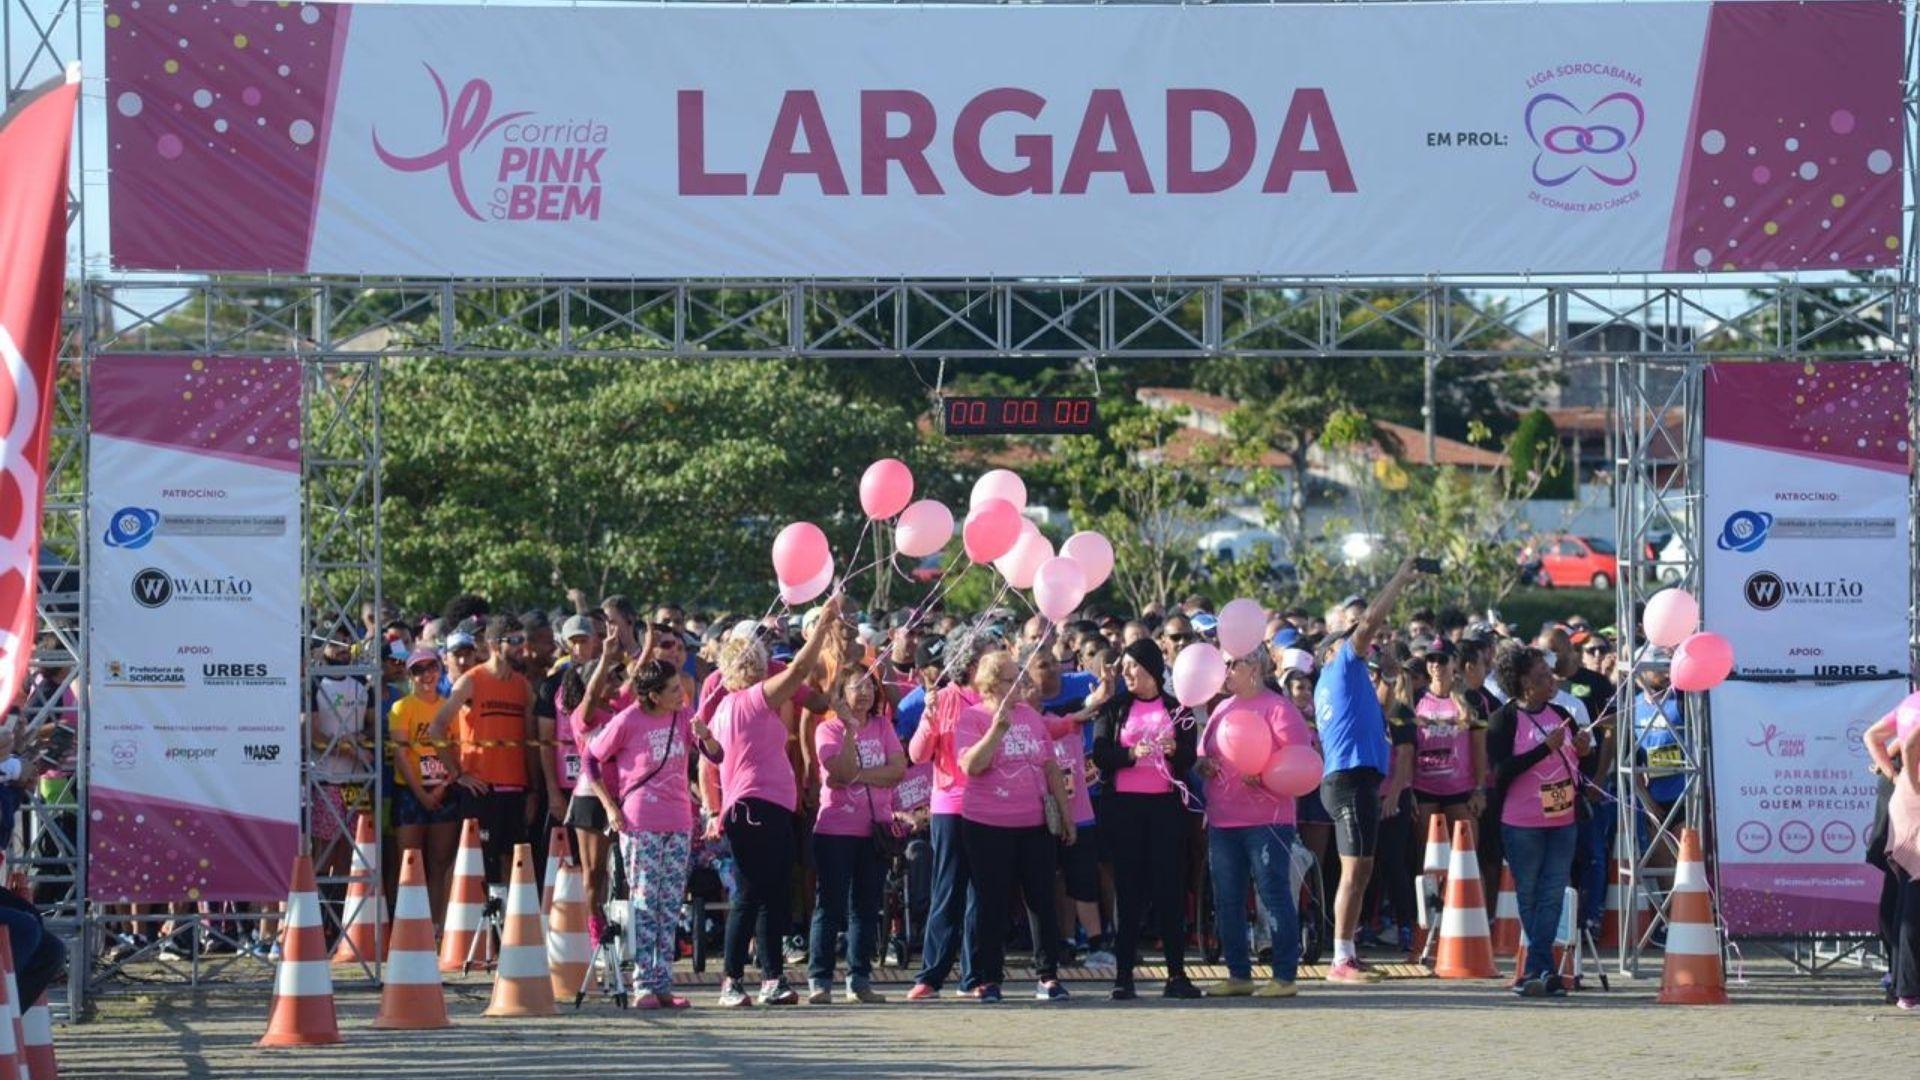 Largada da Corrida Pink do Bem do ano passado. Crédito da foto: Erick Pinheiro (13/7/2019)